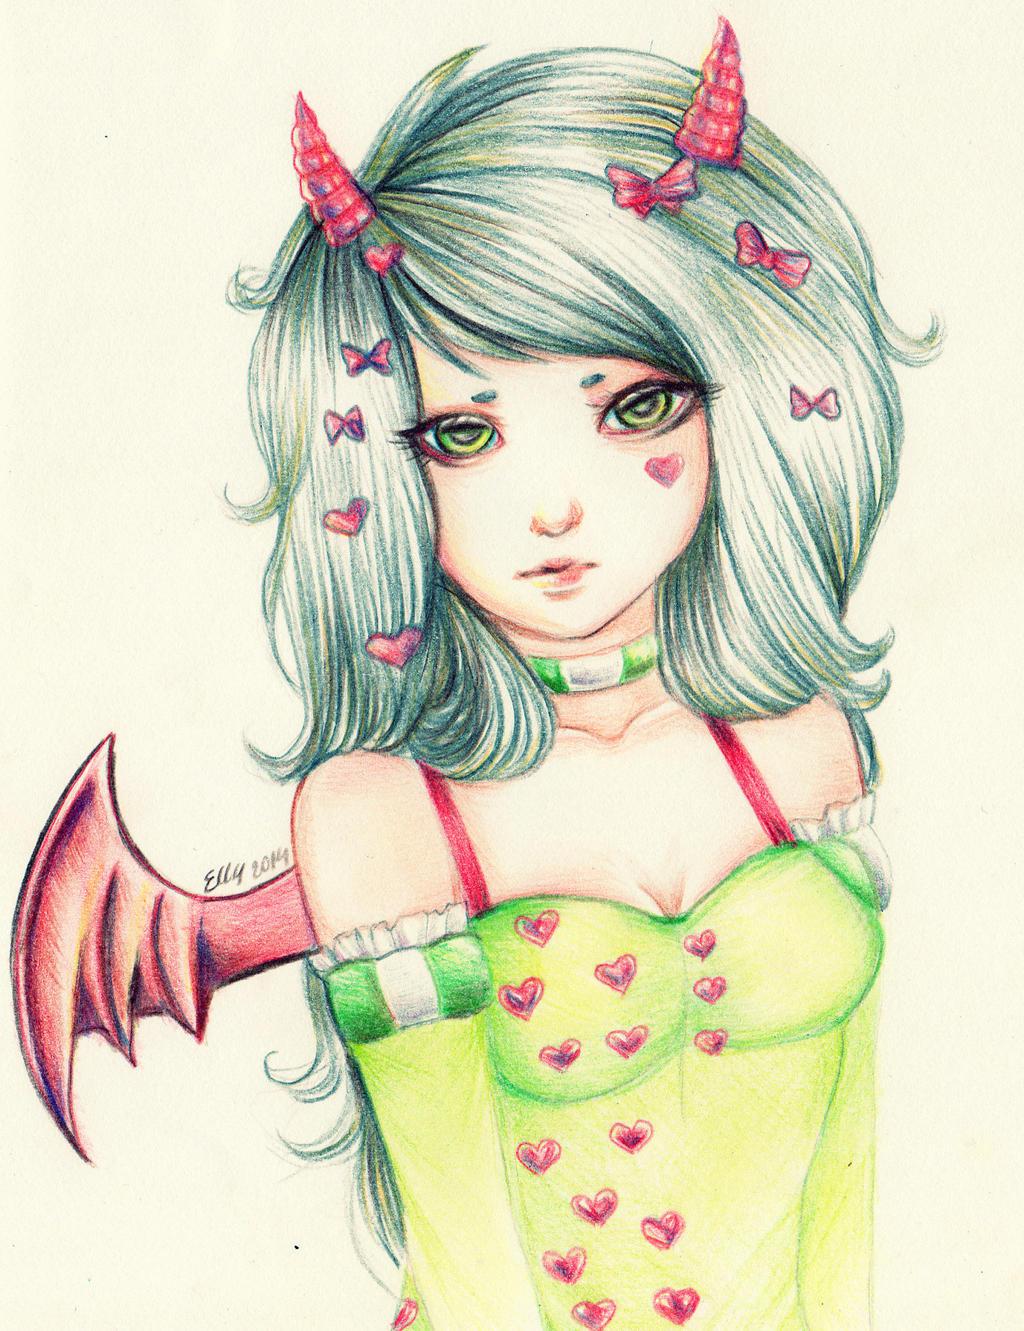 Lilith by ellyu